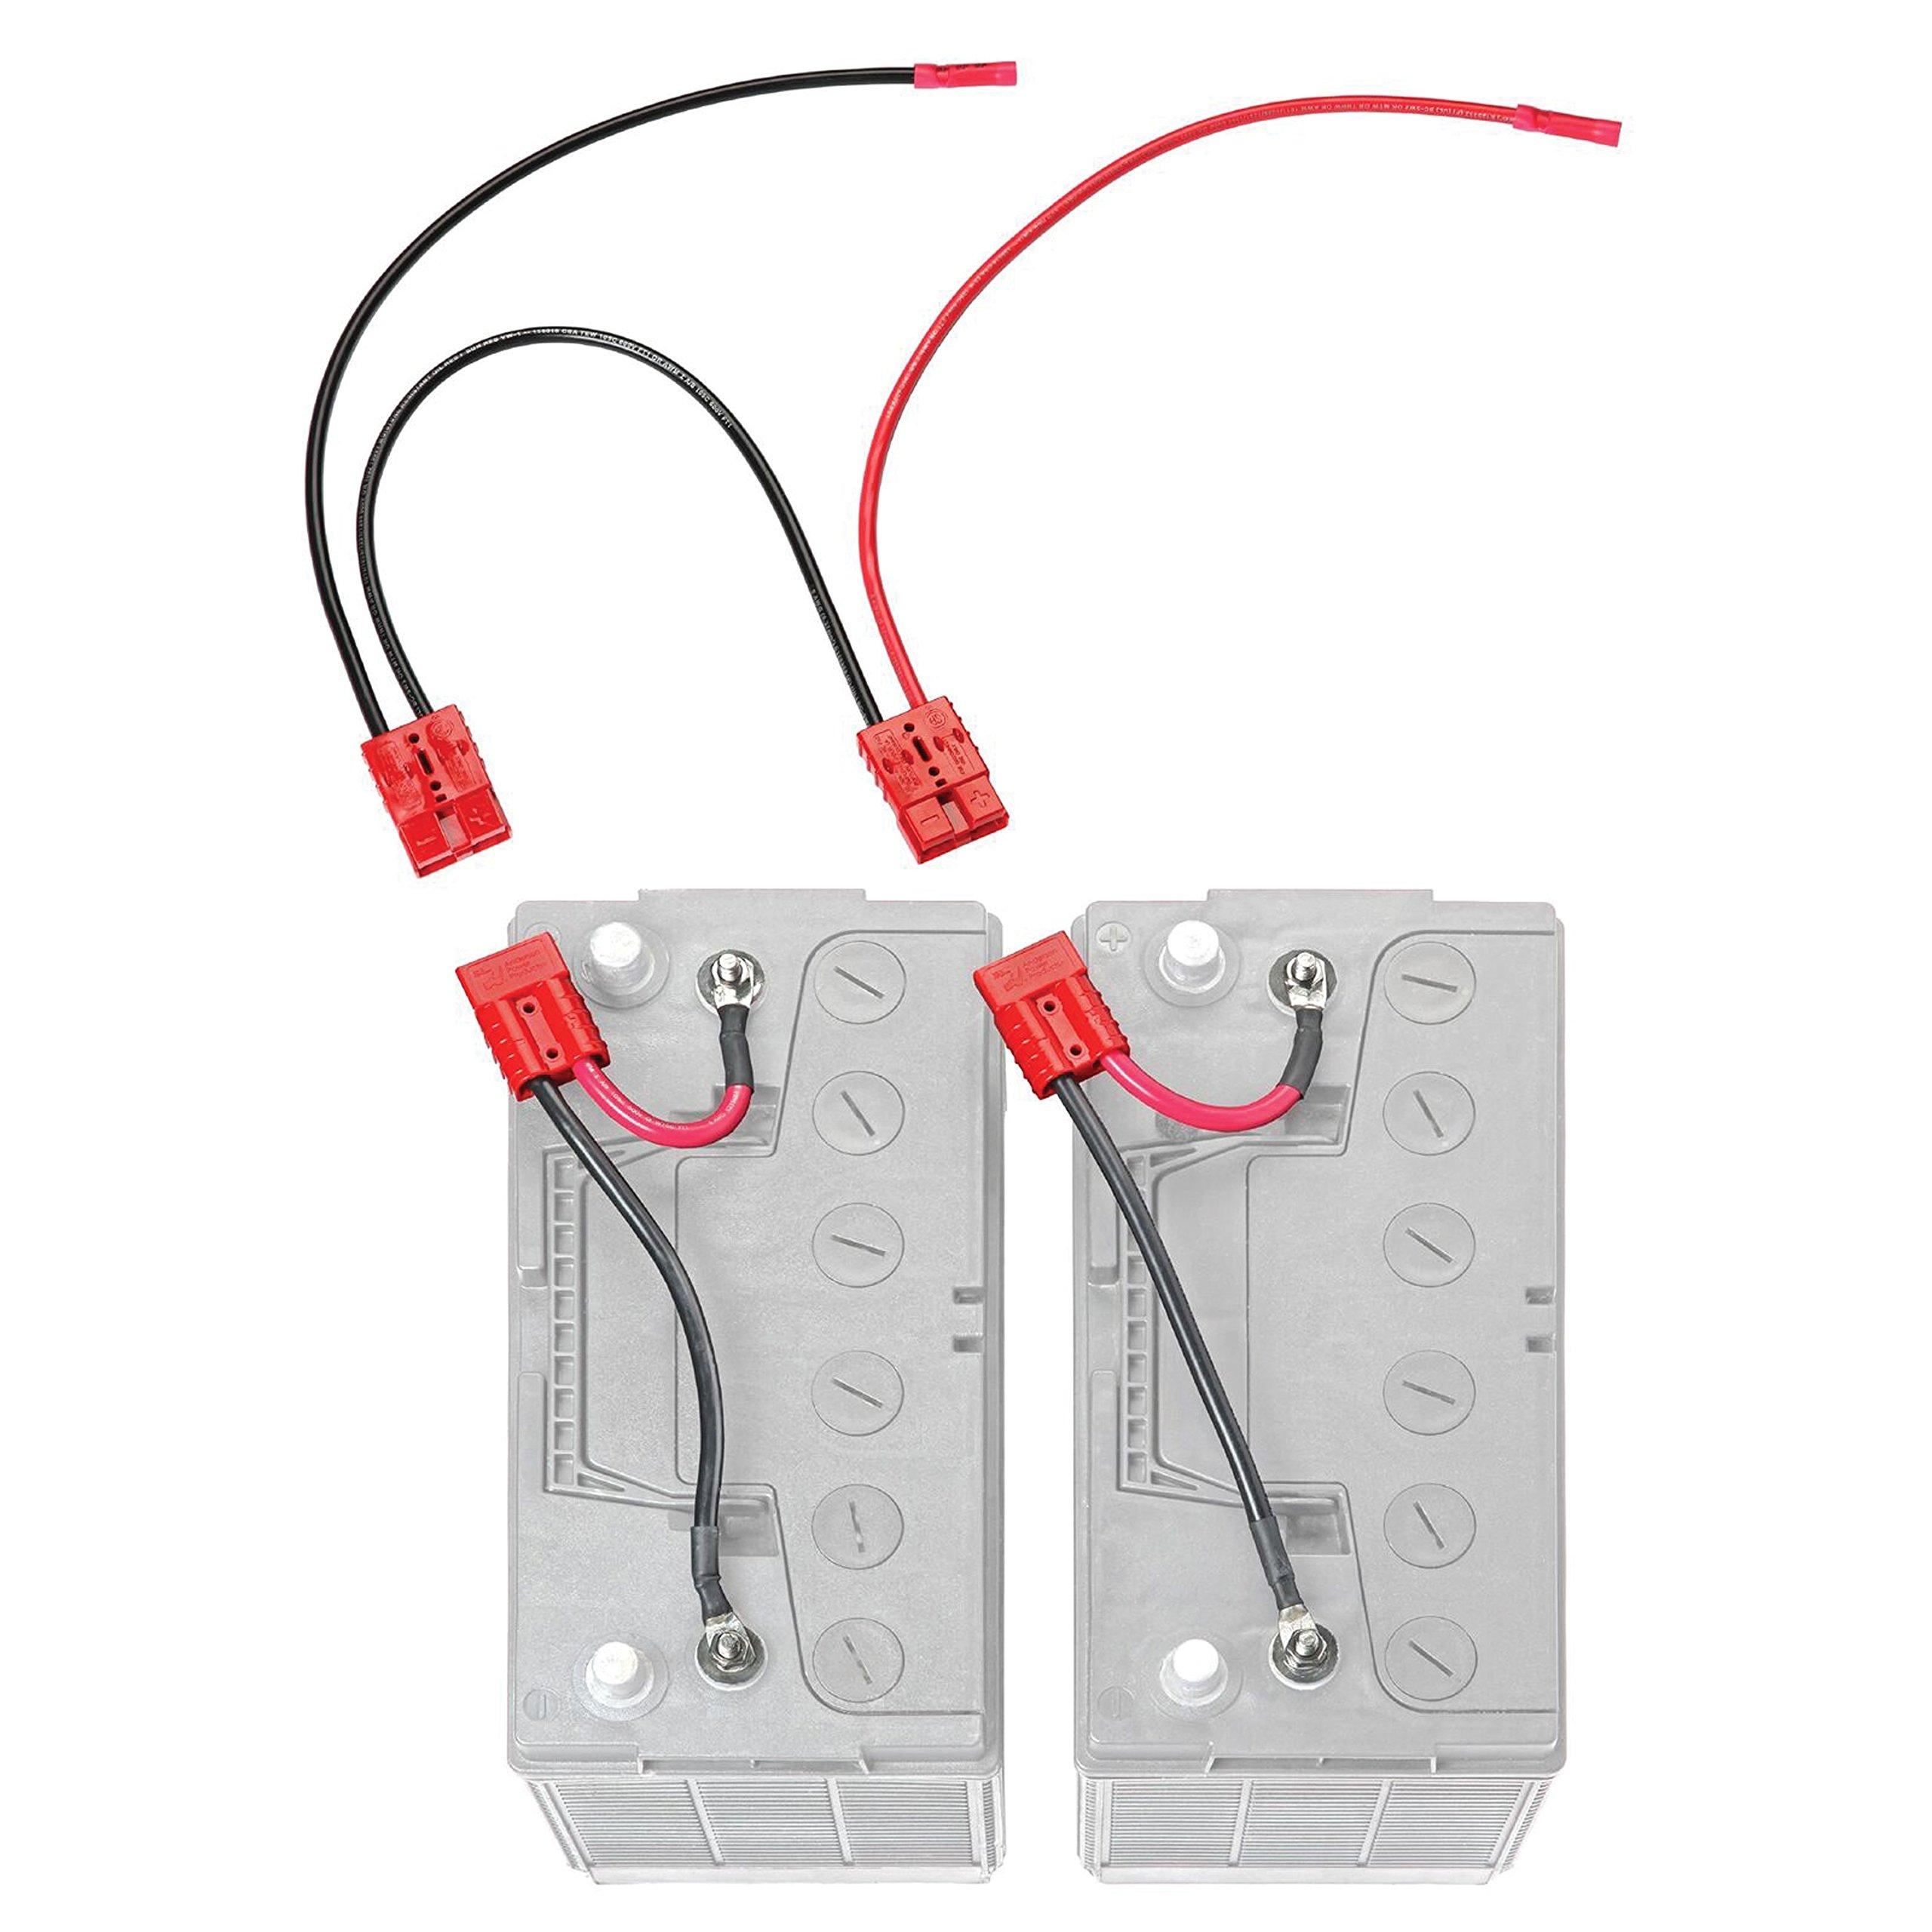 Connect Ease CE24VBK Easy 24V Trolling Motor Connection Kit